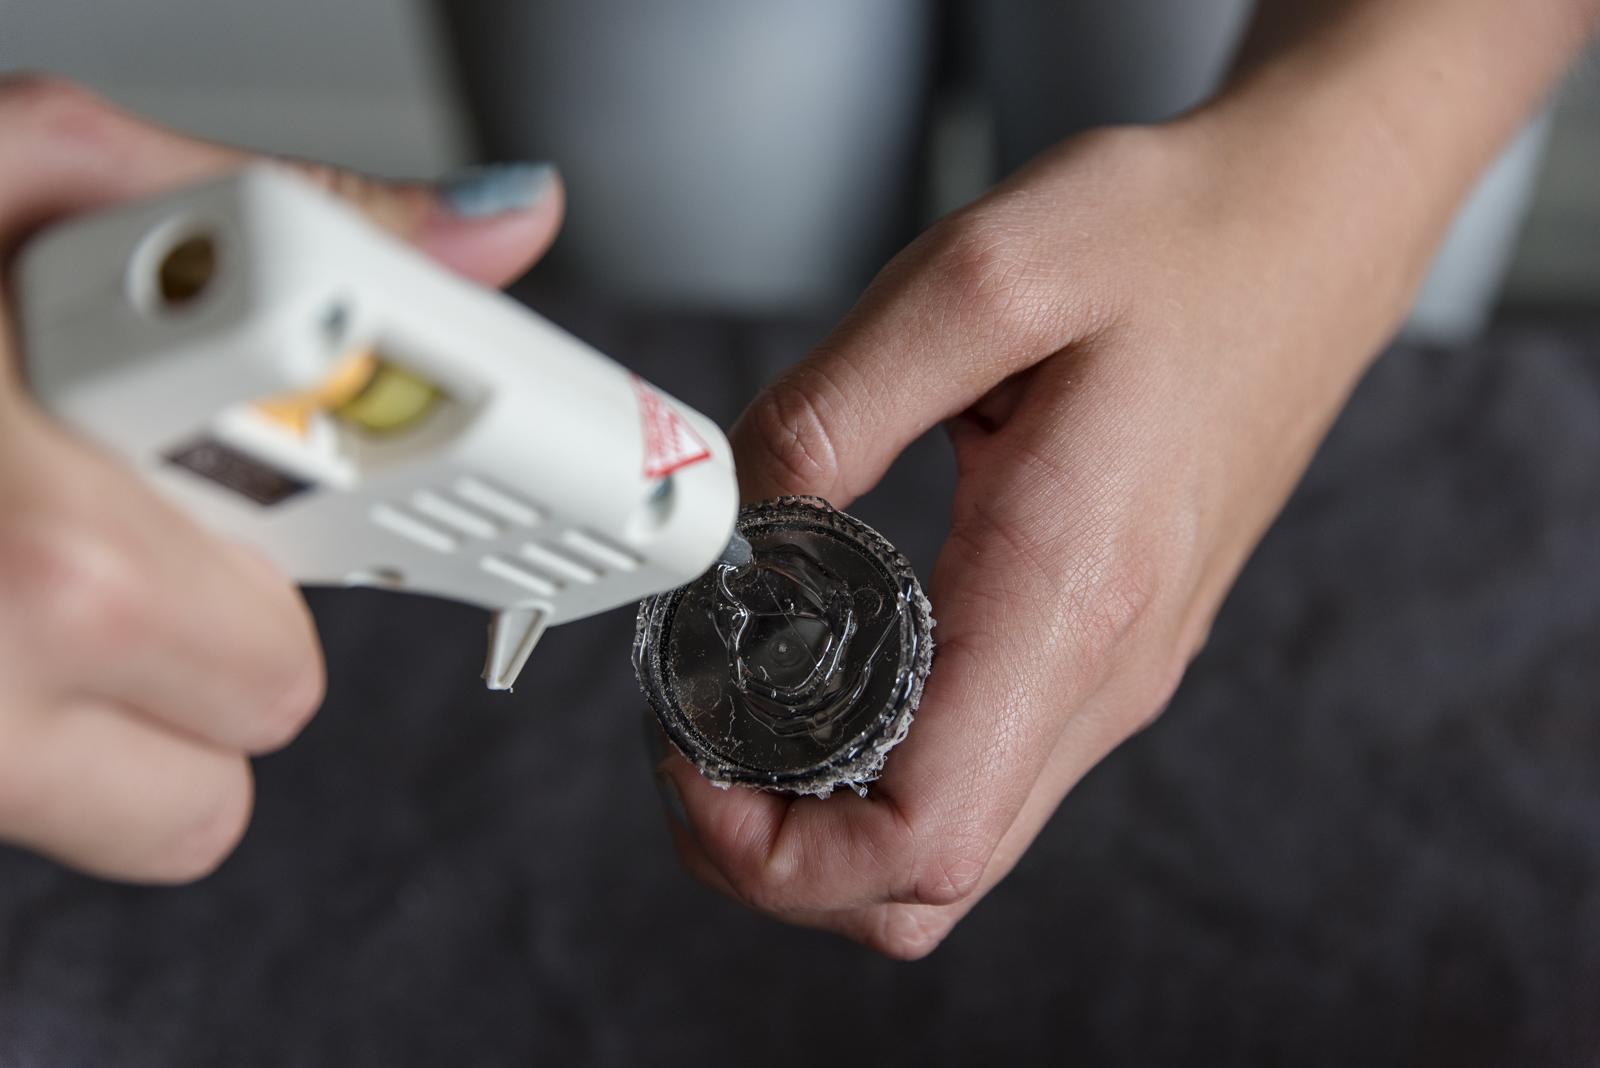 DunnDIY-SeattleWA-PencilBlock-26.jpg#ass